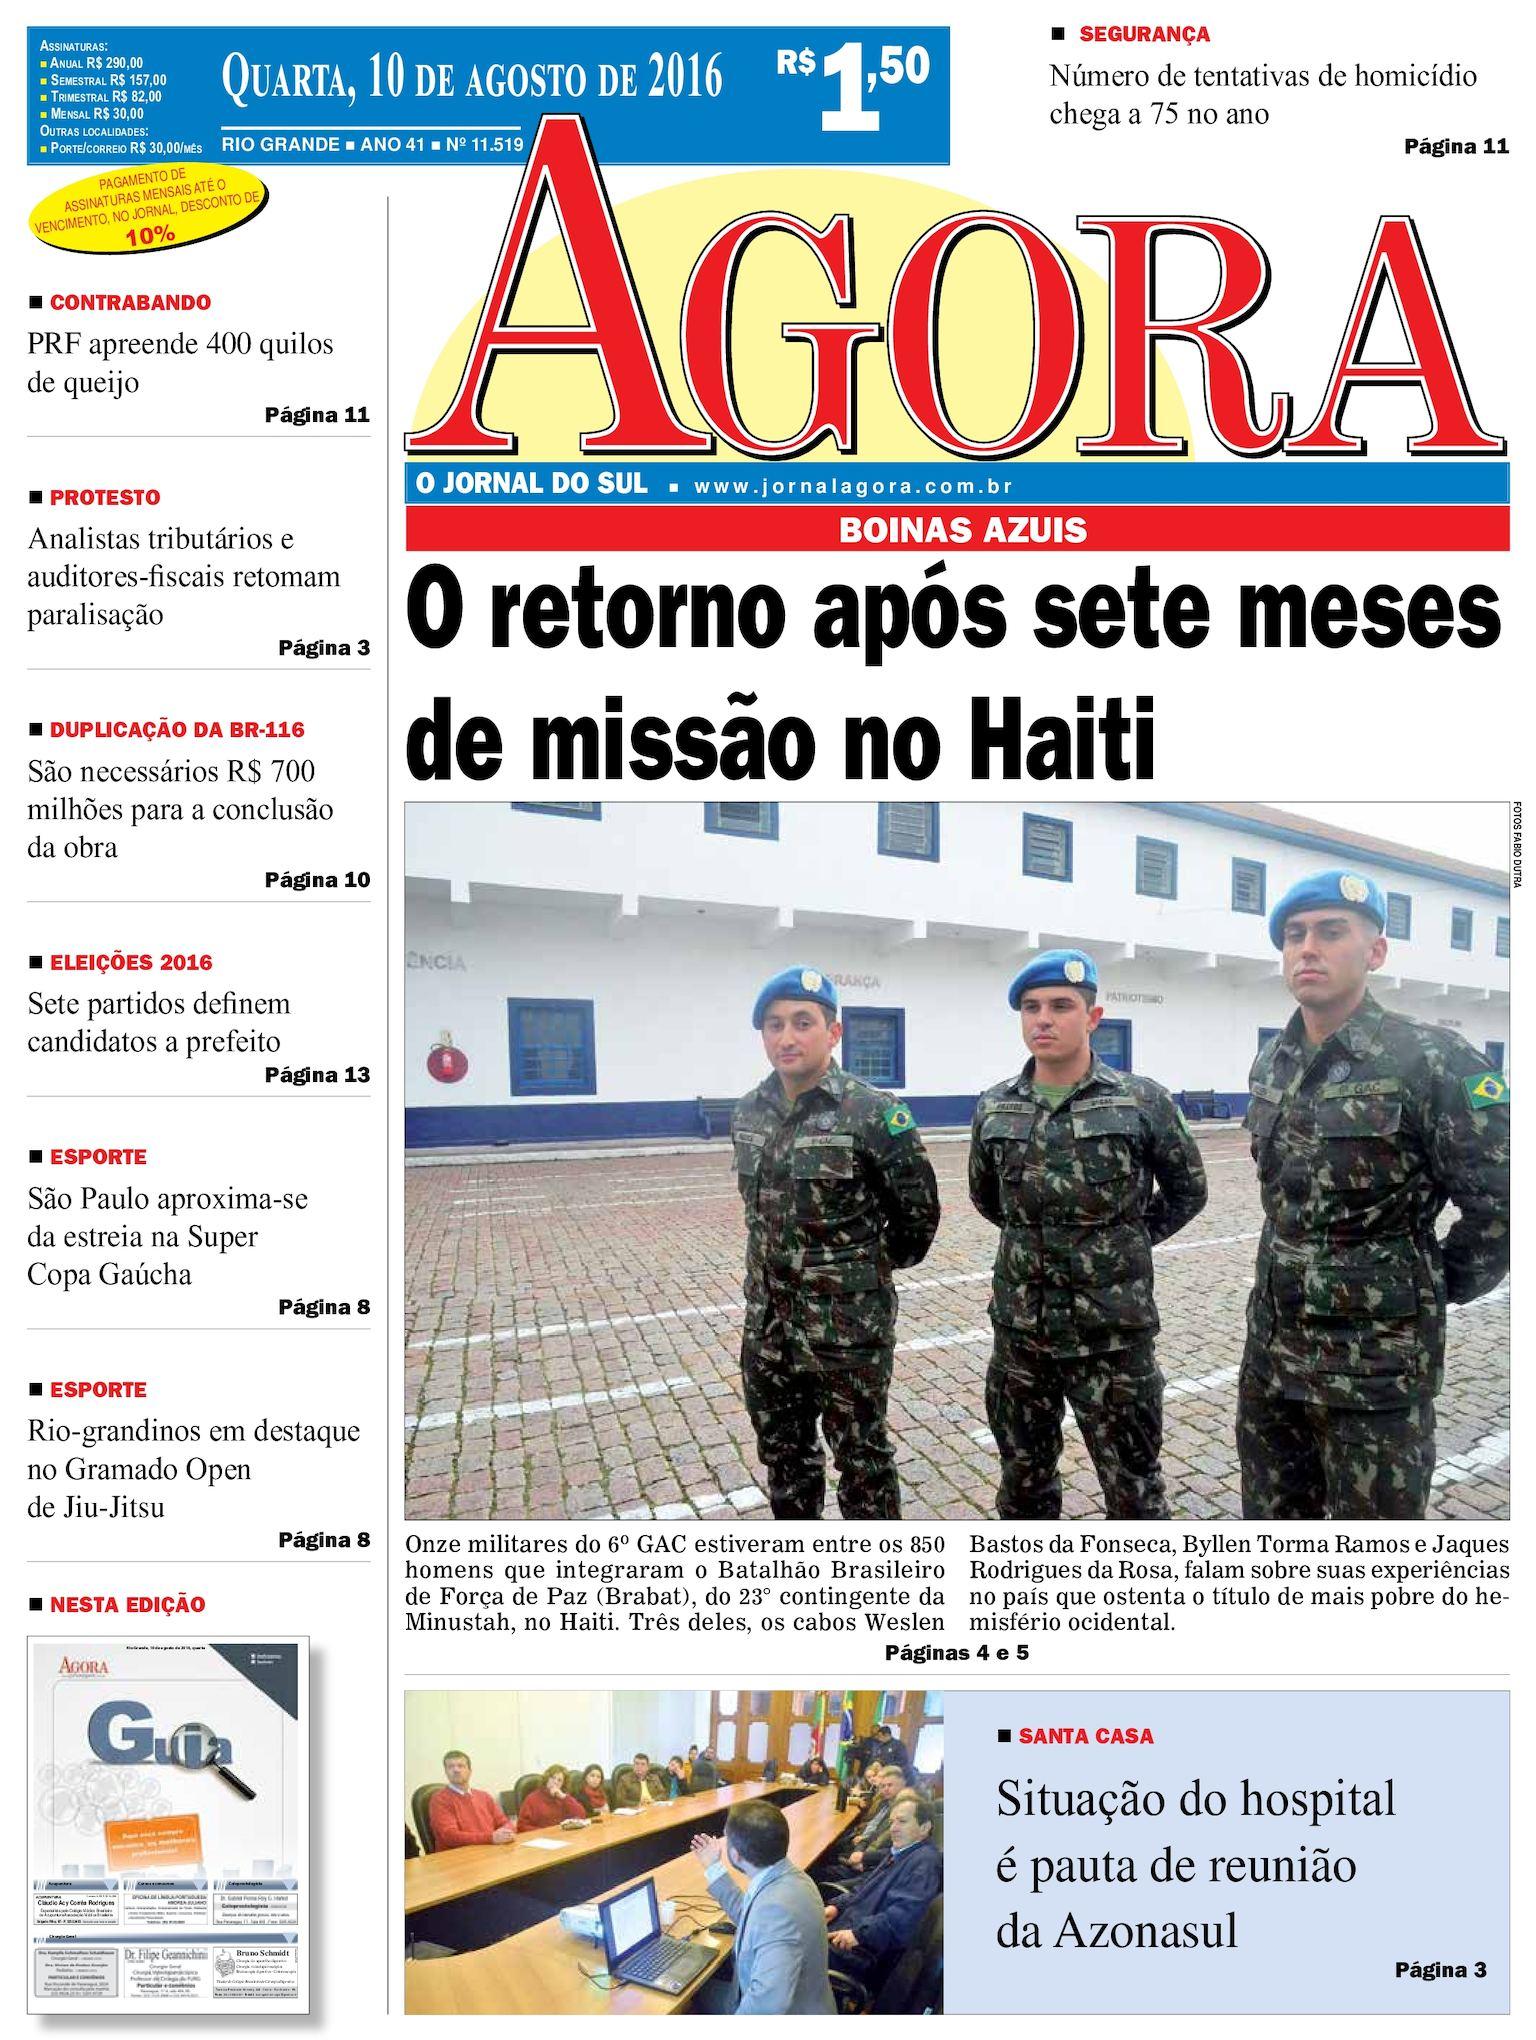 Calaméo - Jornal Agora - Edição 11519 - 10 de Agosto de 2016 454bb975610